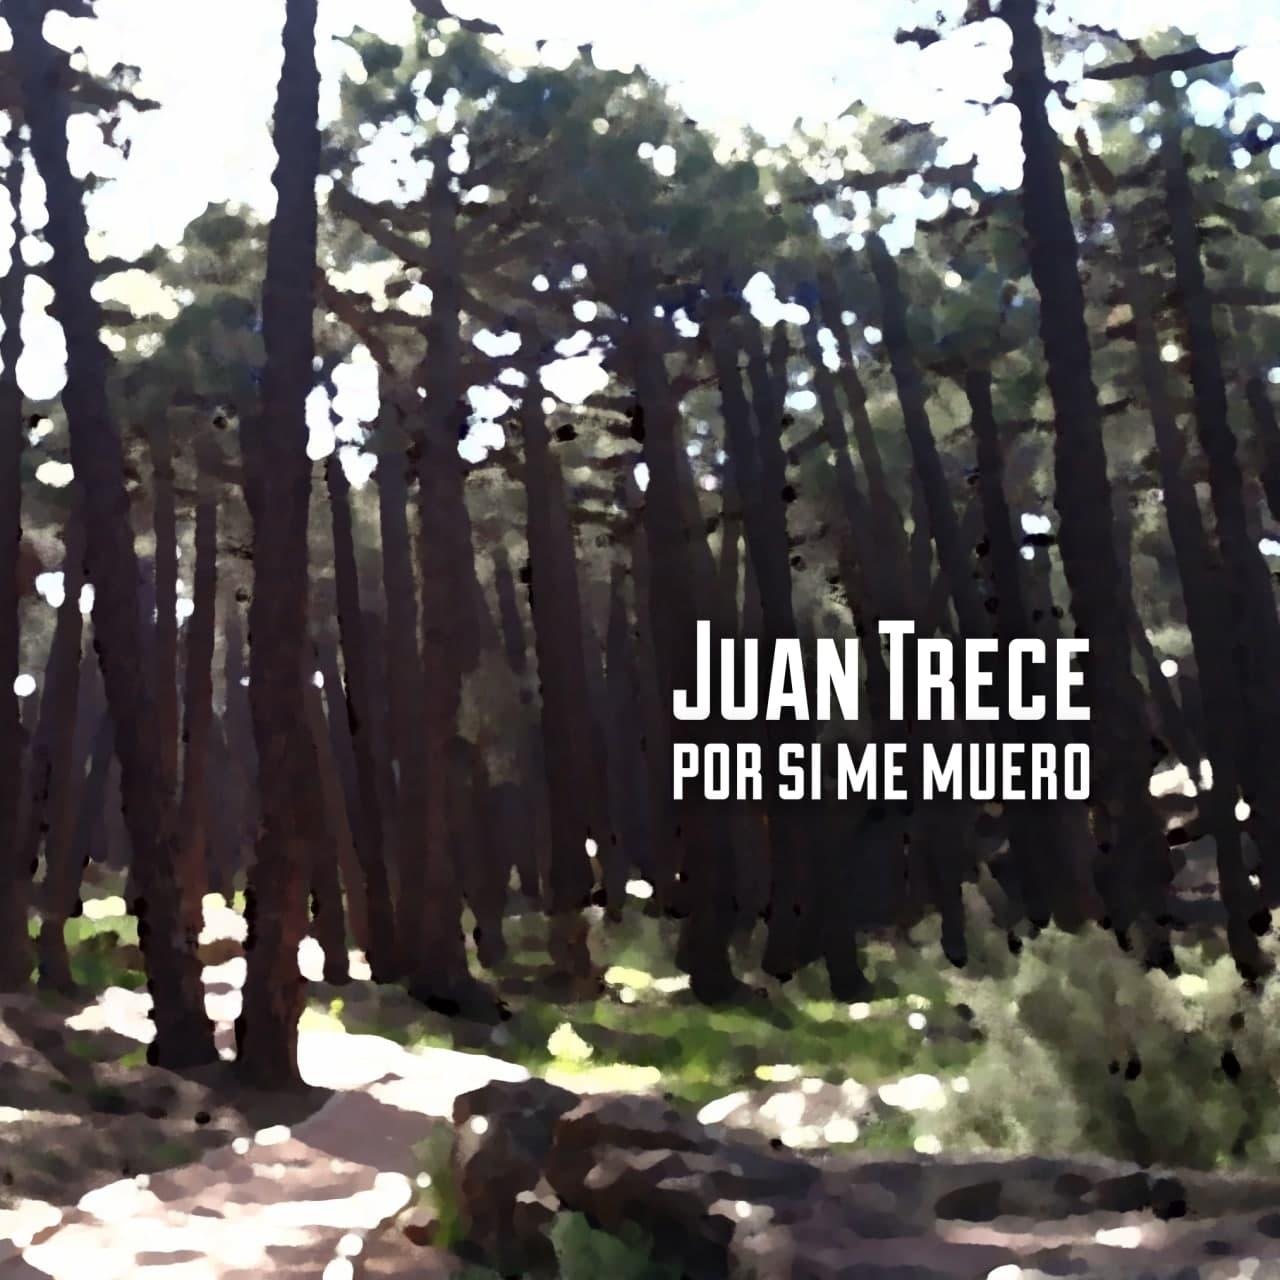 Por si me muero, Juan Trece